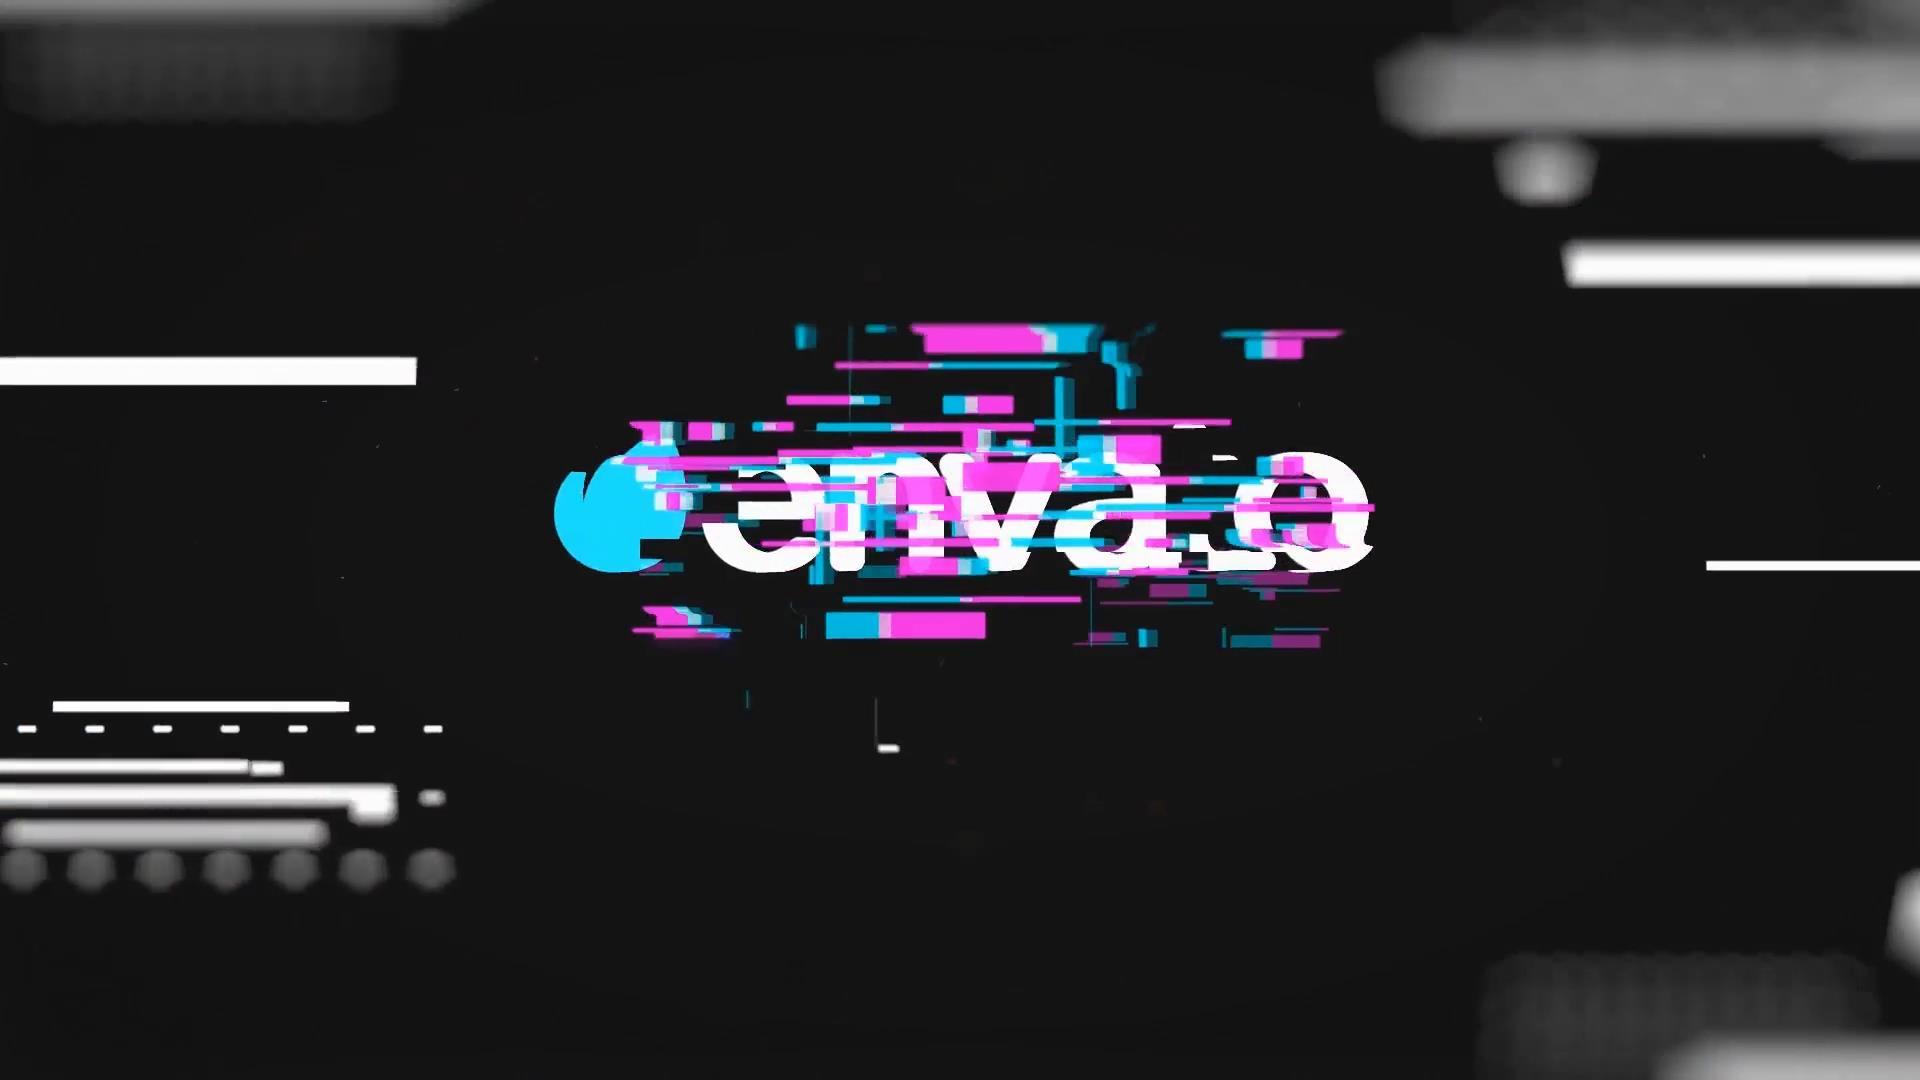 AE模板 现代炫酷科技色彩故障效果动画LOGO模板 AE素材